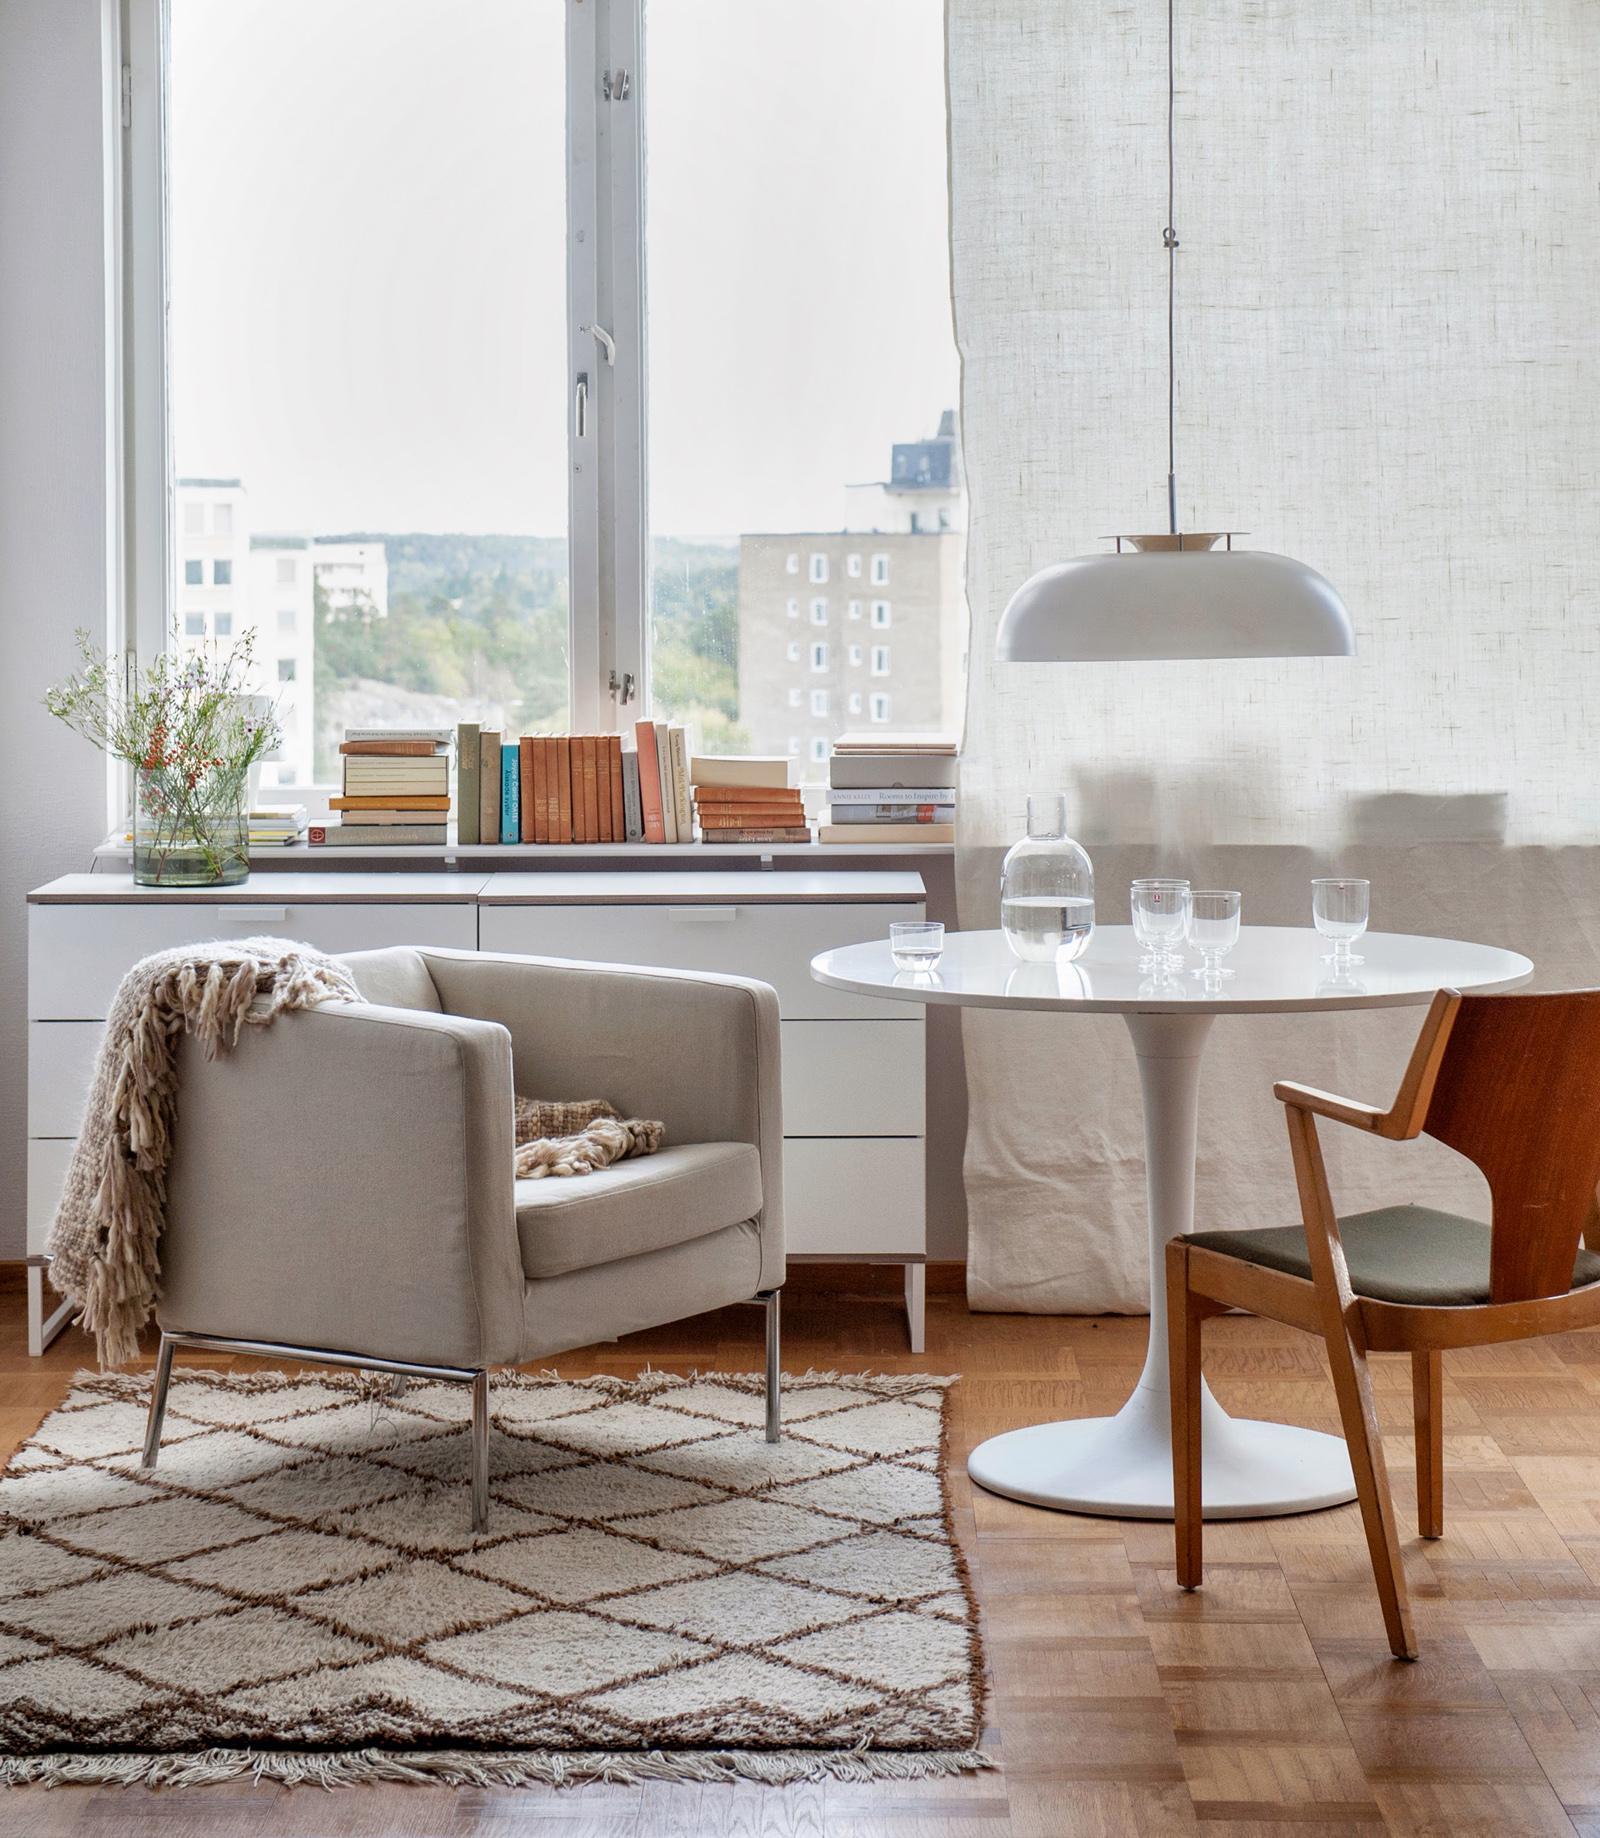 vorhang aus leinen holzstuhl runderesstisch bemz. Black Bedroom Furniture Sets. Home Design Ideas